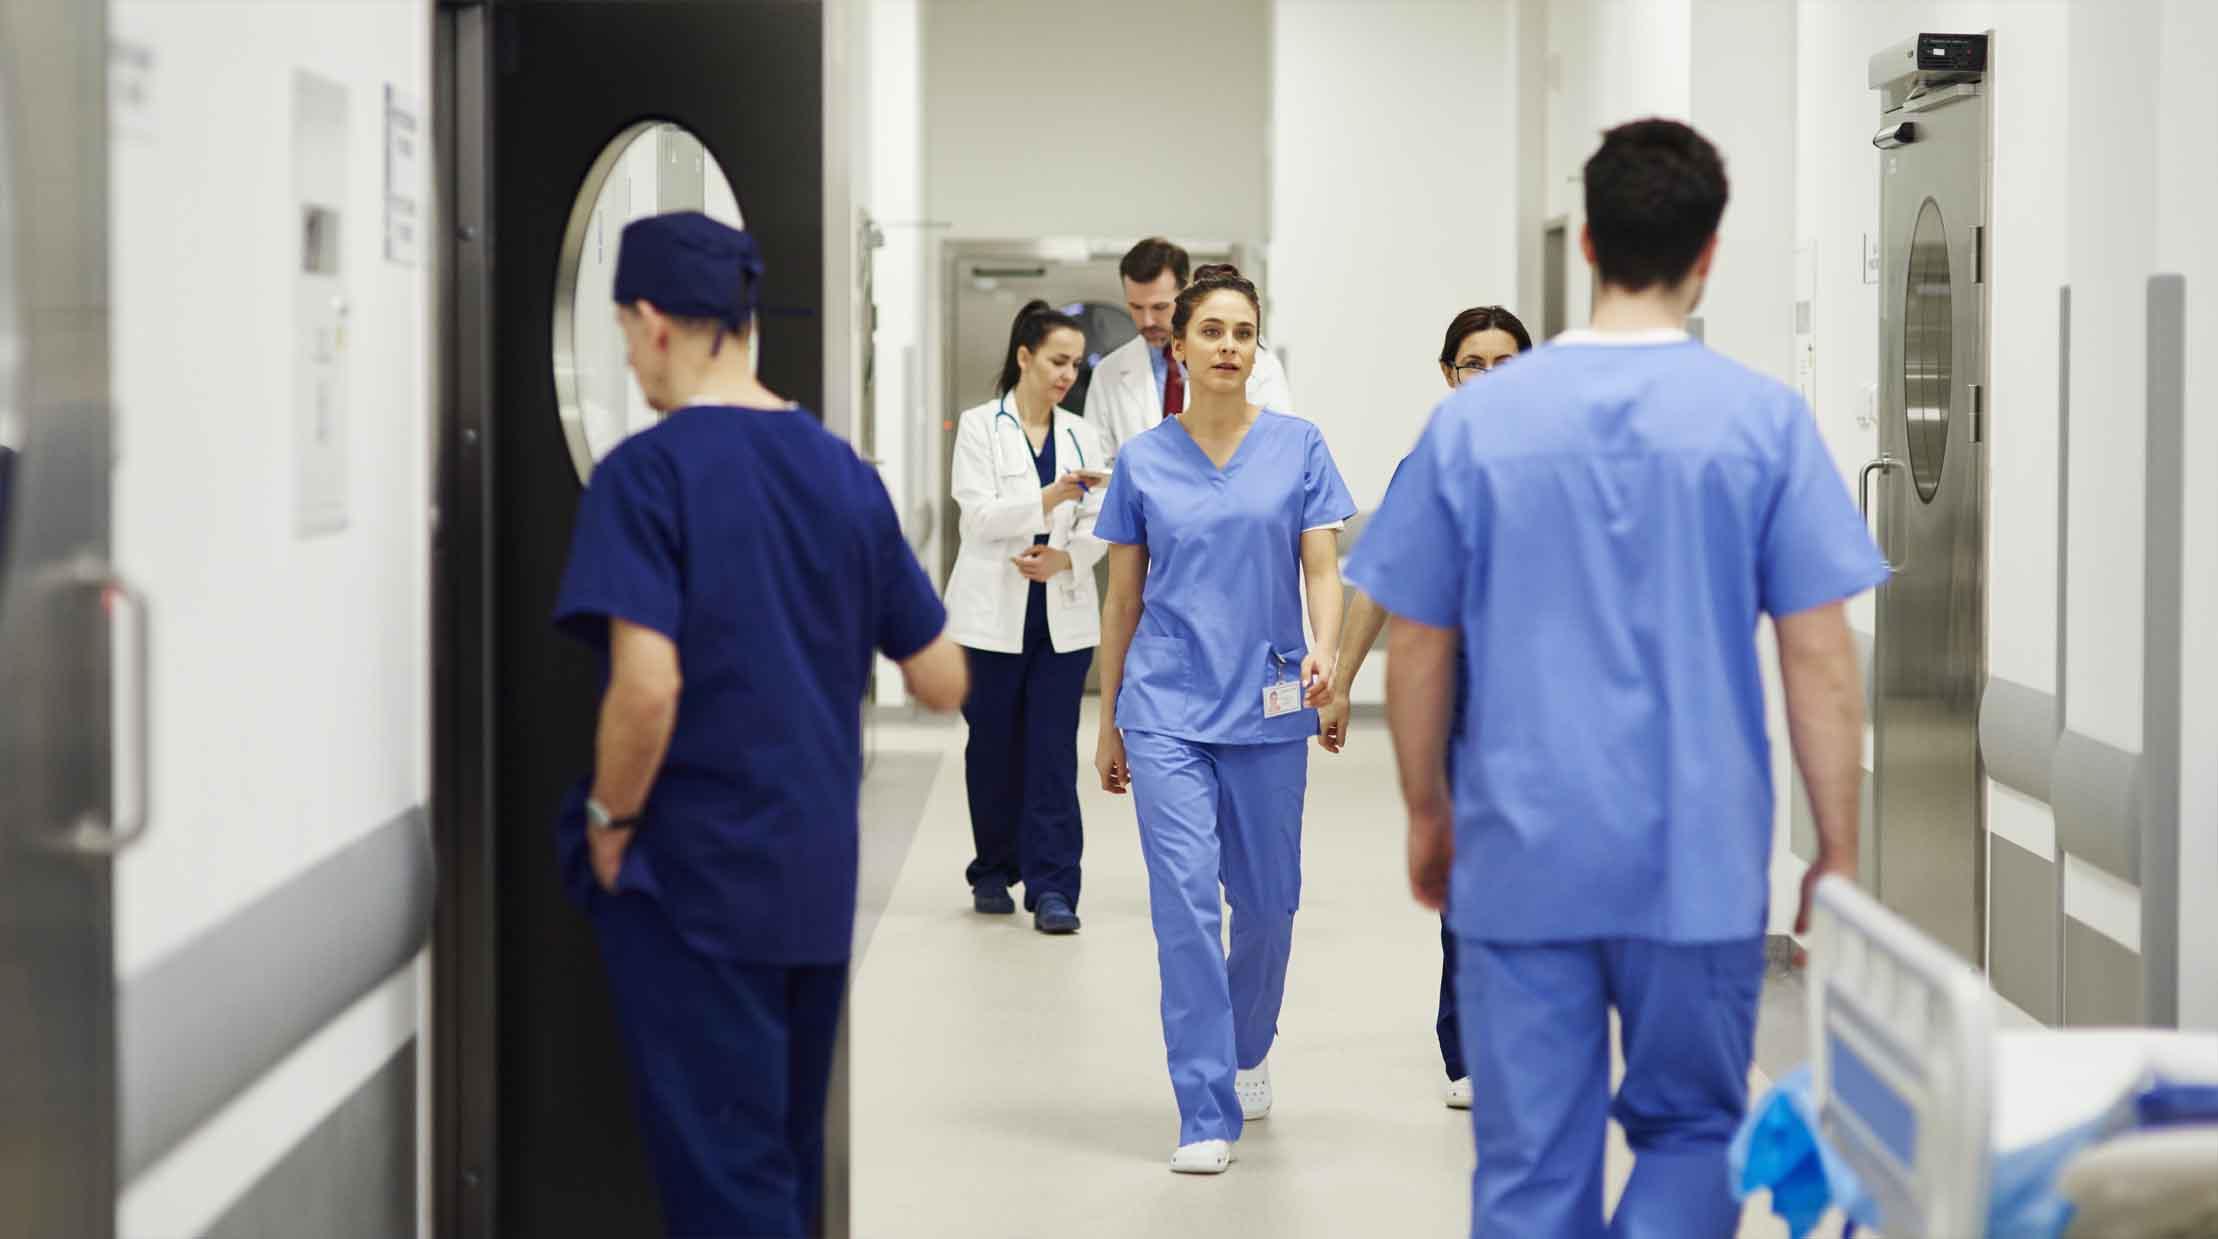 Sueldo Celador Servicio Madrileño de Salud (SERMAS)